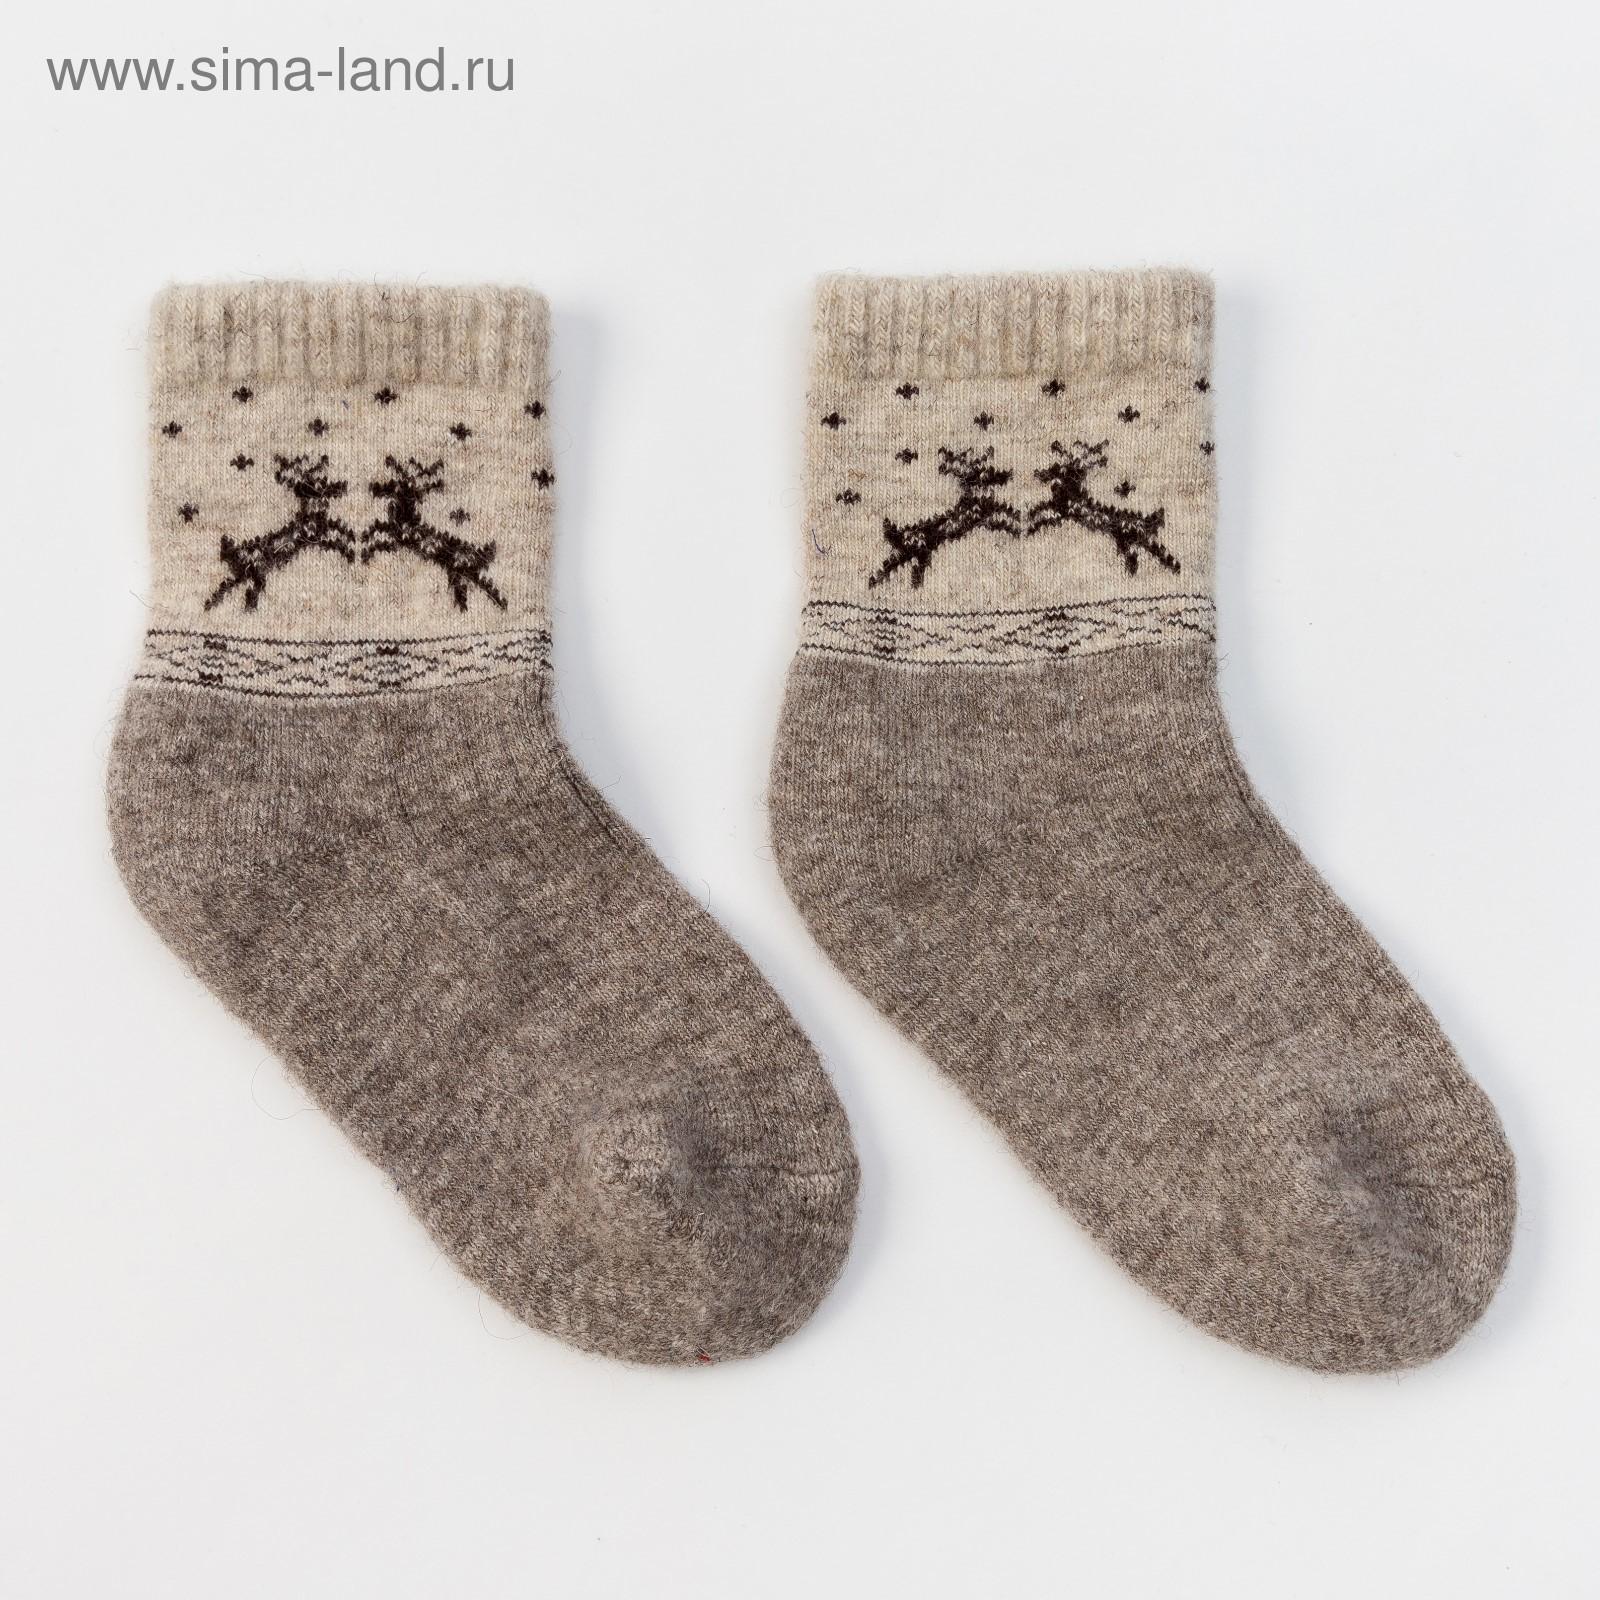 42e4ce4015fc0 Носки новогодние детские шерстяные Organic «Олени», цвет серый, размер 16-18